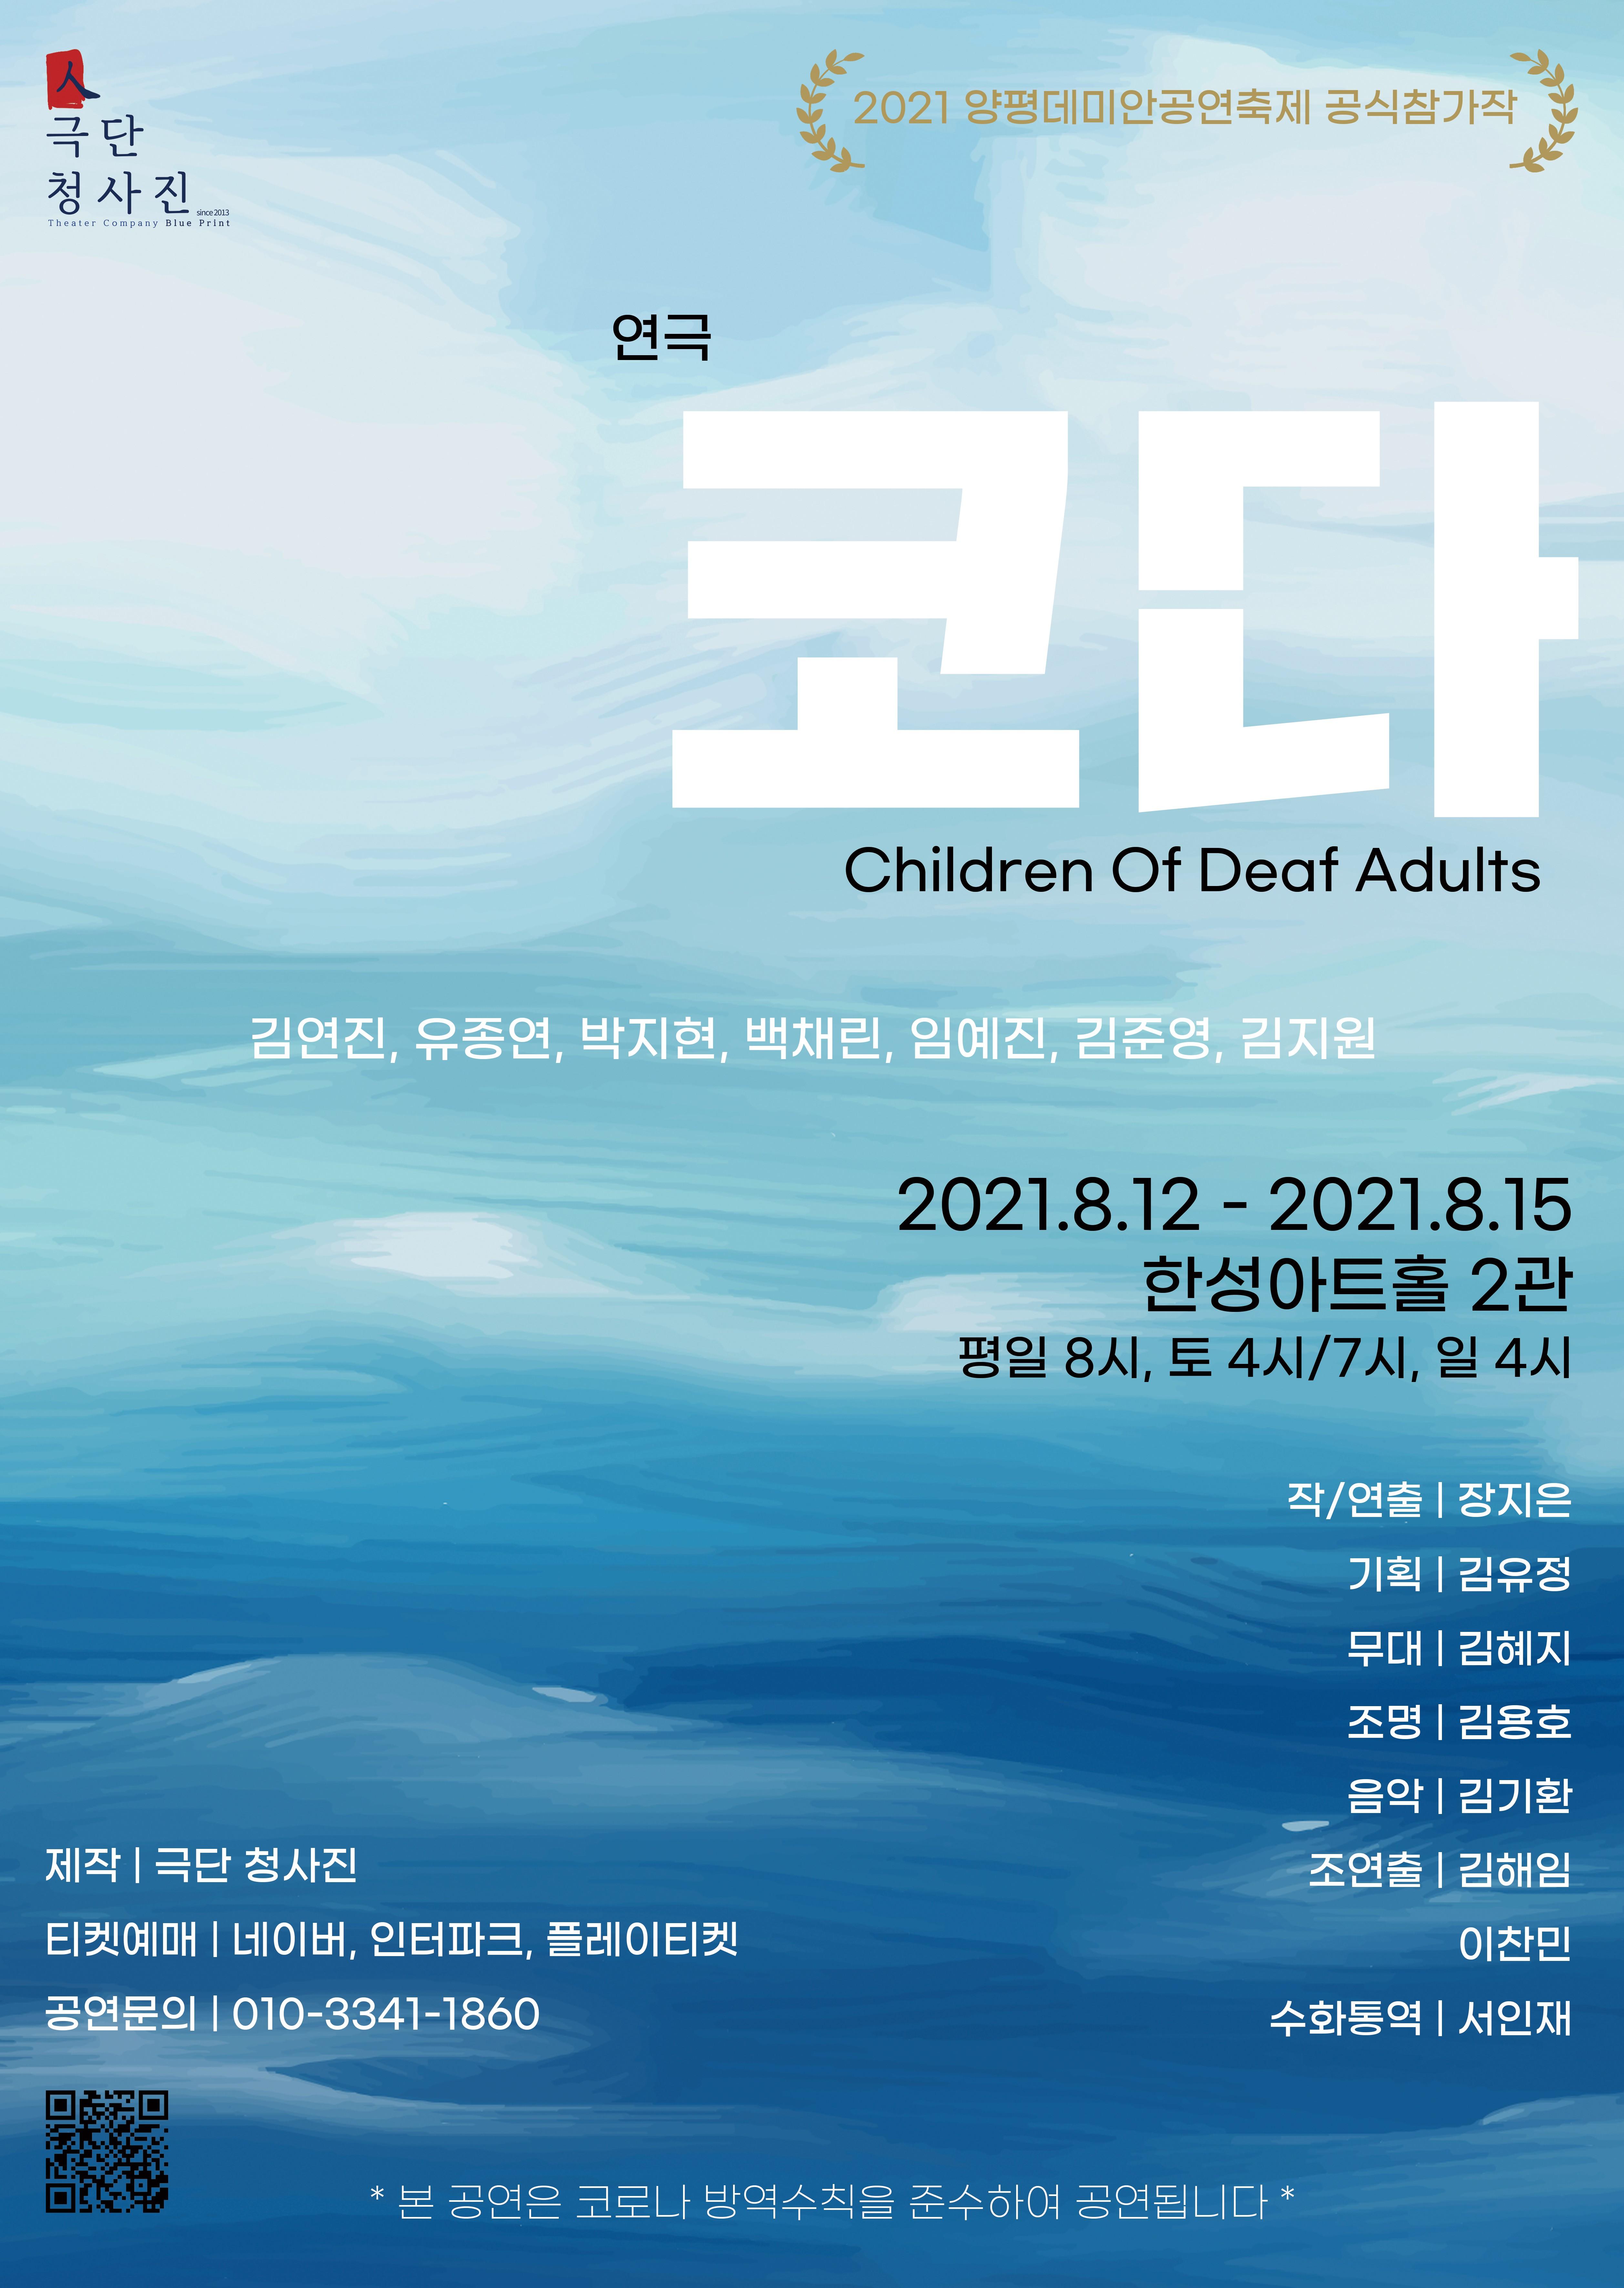 18세 소녀 성장기 다룬 연극 '코다', 8월 12일부터 15일까지 한성아트홀 2관 공연